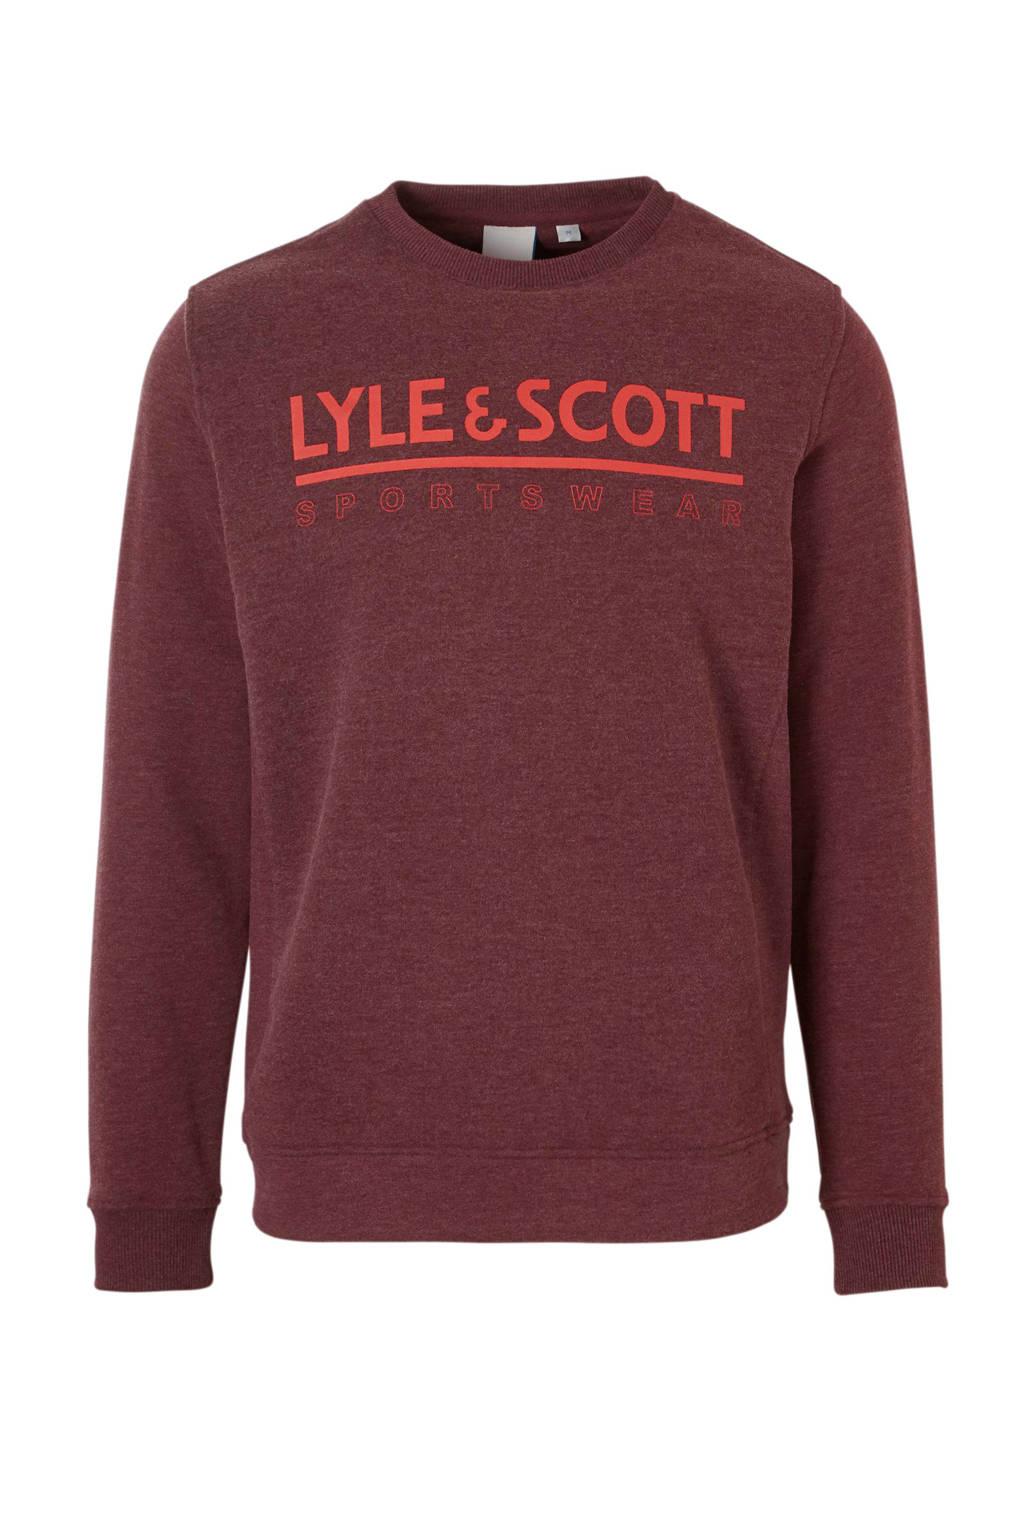 Lyle & Scott   sportsweater donkerrood, Donkerrood